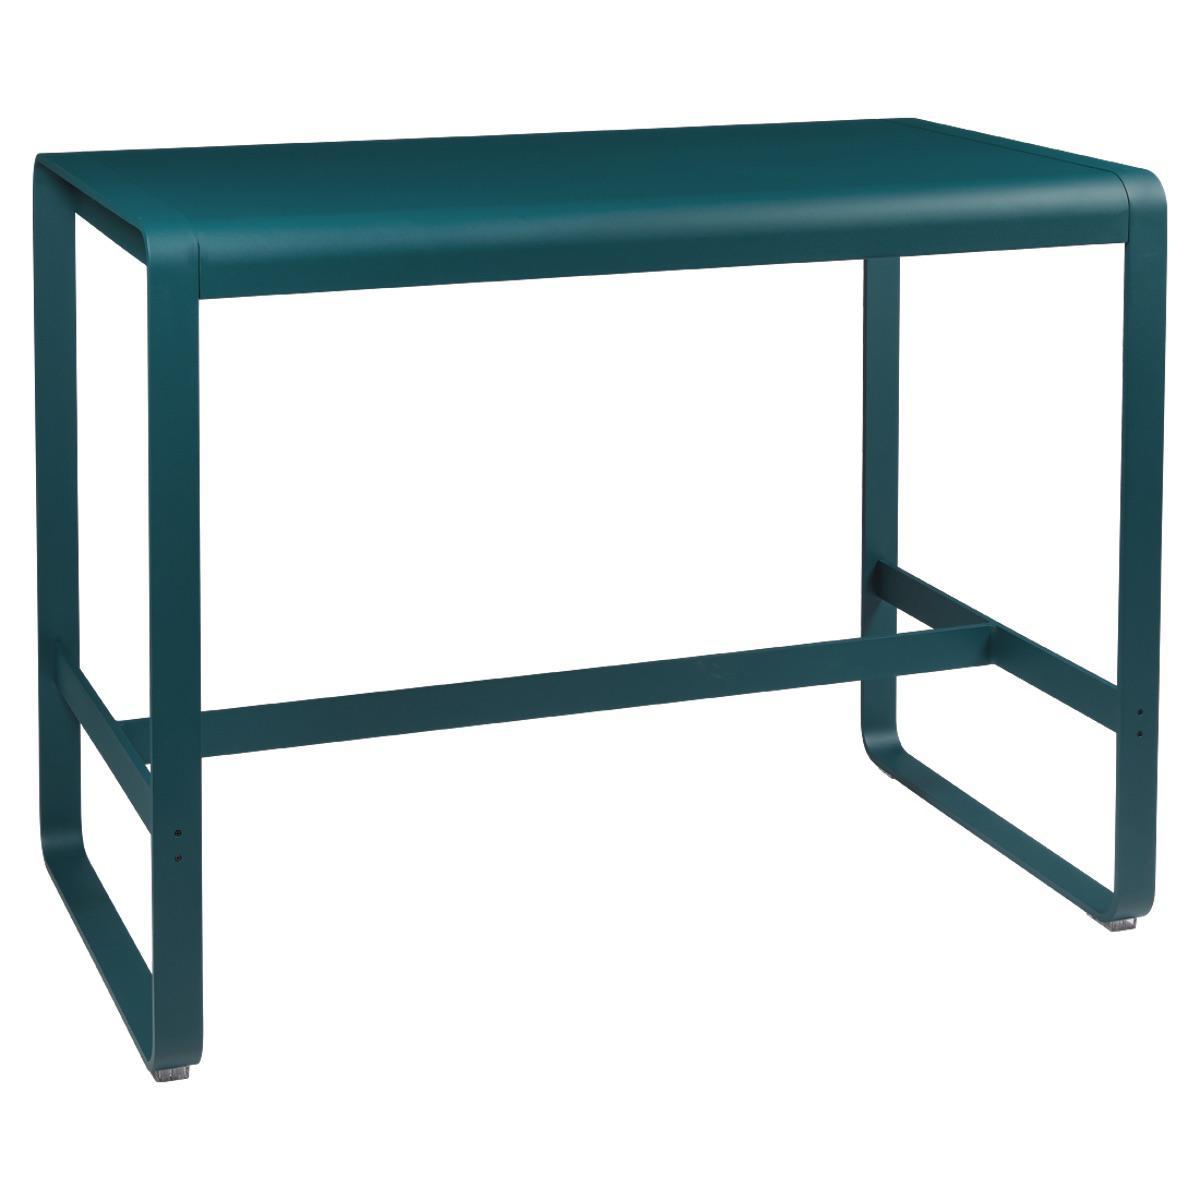 Table haute 80x140cm BELLEVIE Fermob bleu acapulco